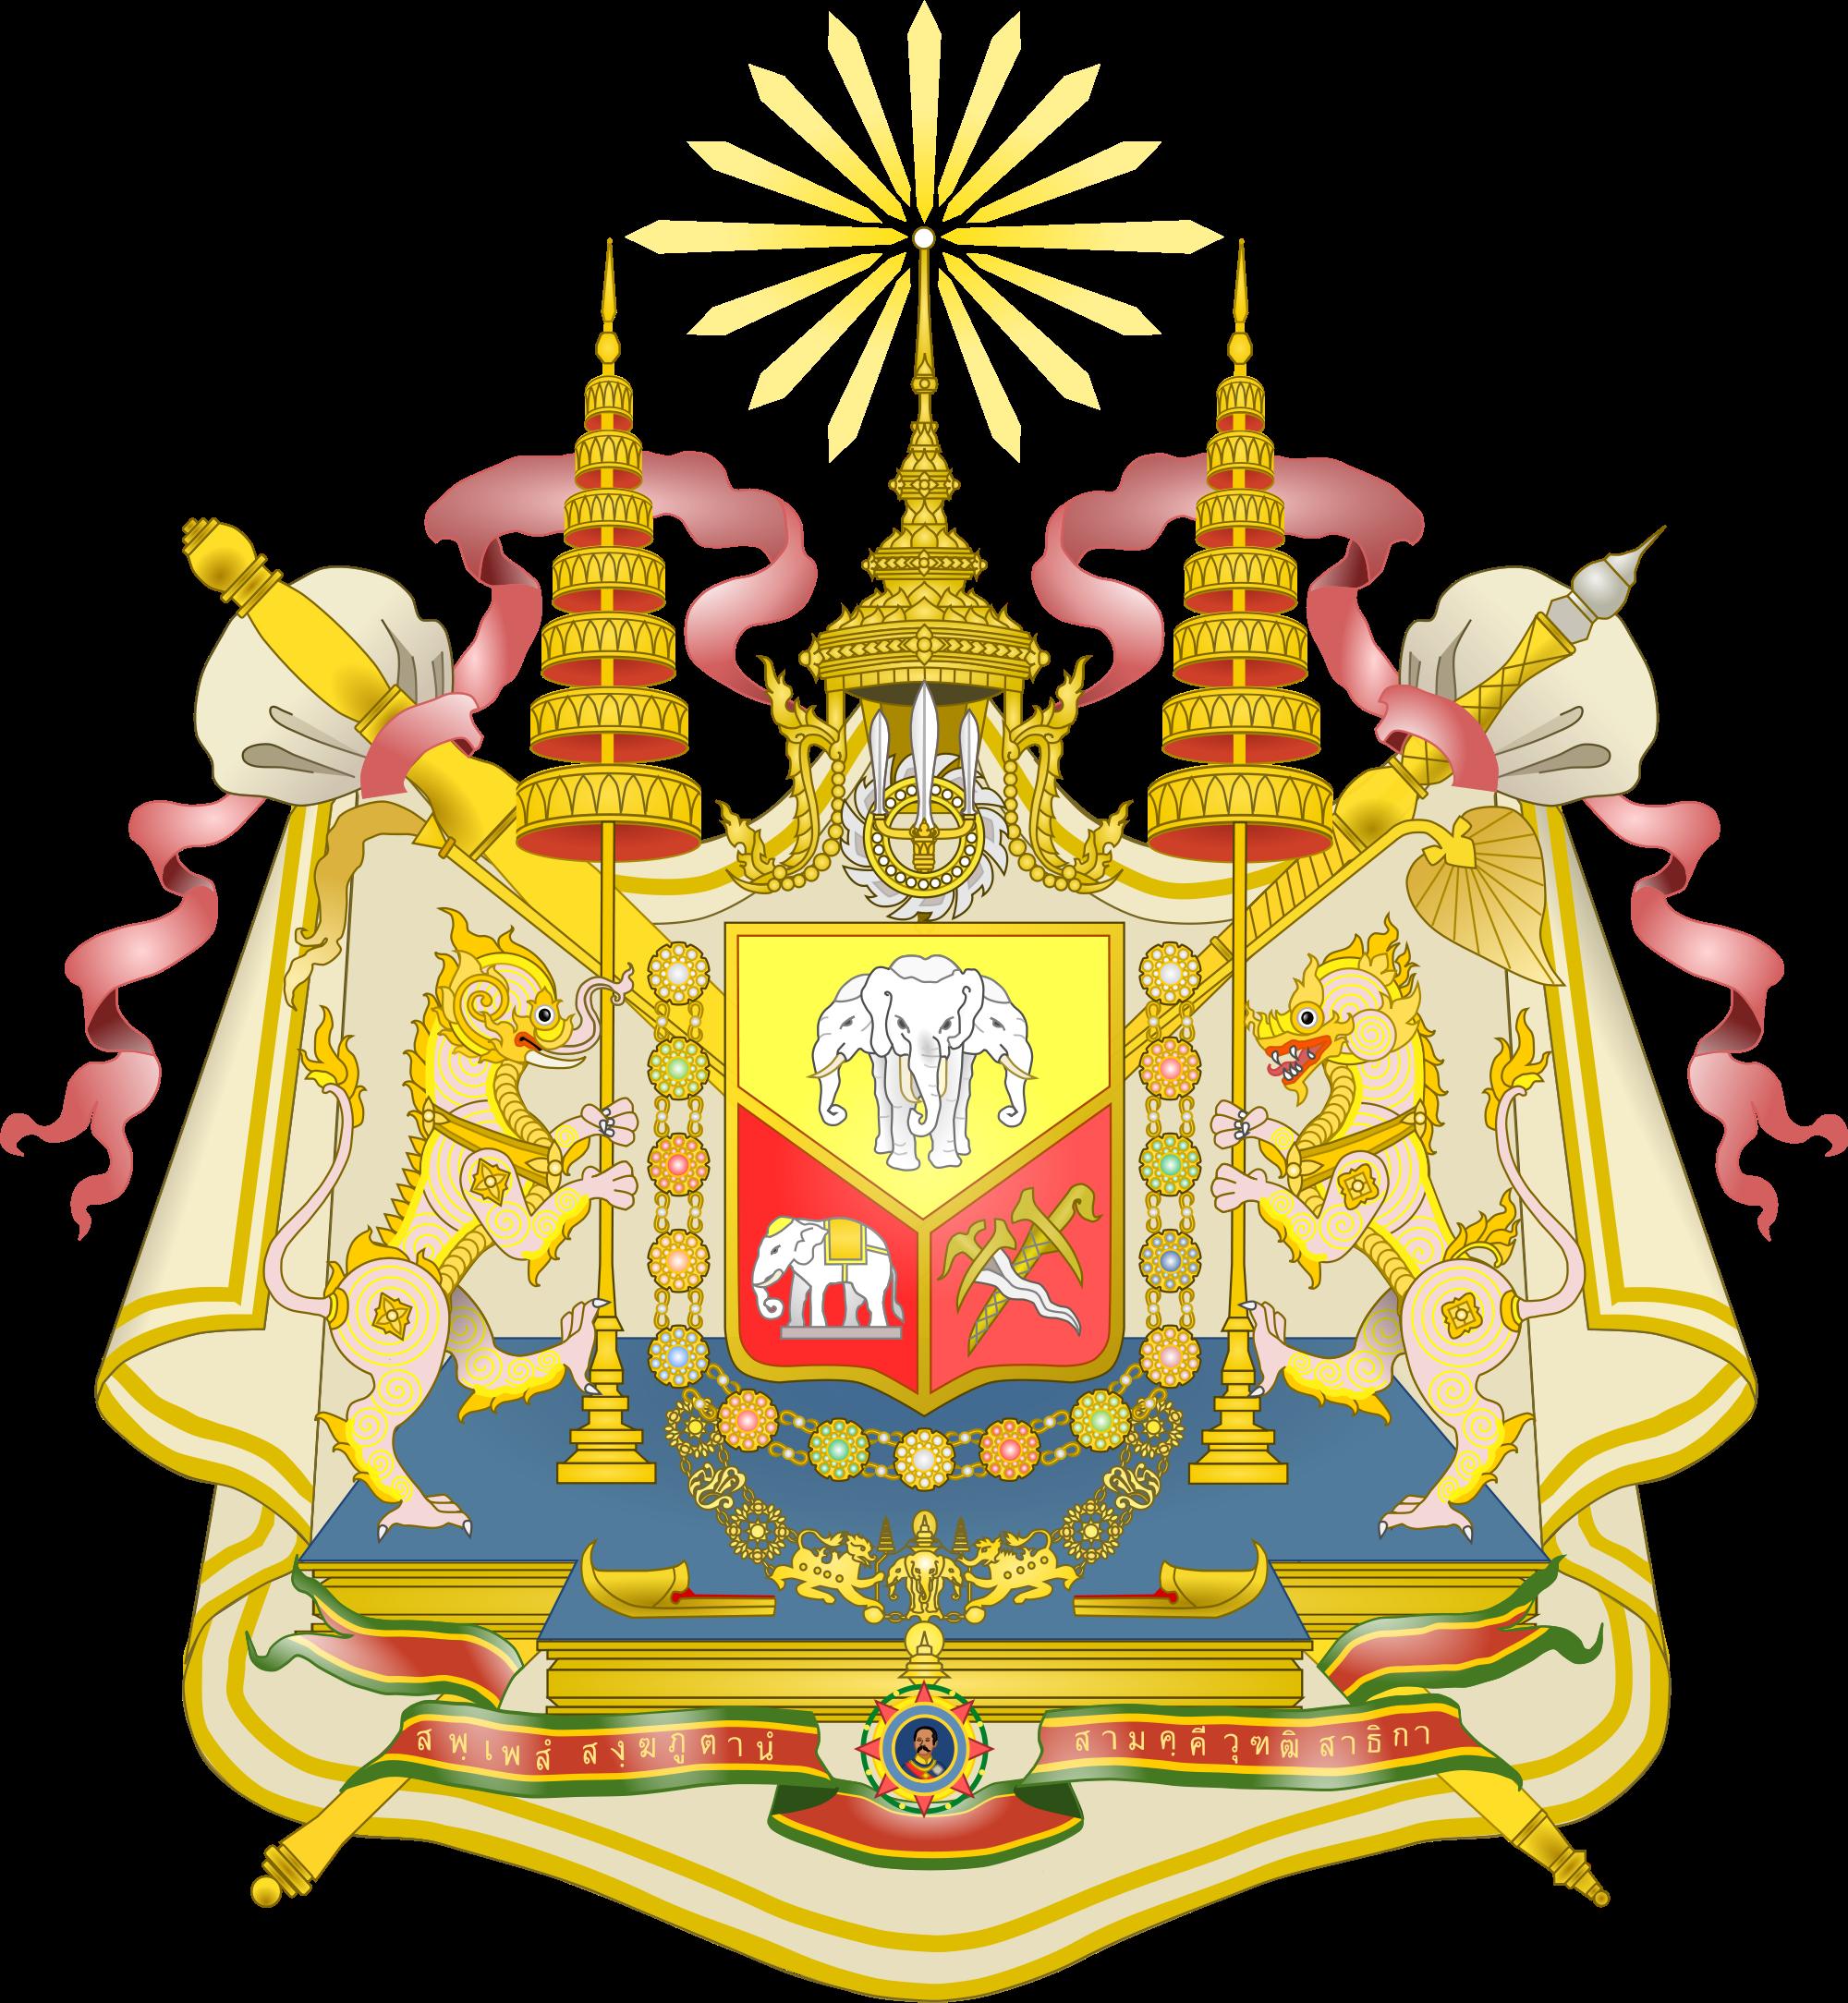 ประวัติความเป็นมา และหน้าที่สำคัญของราชการไทย